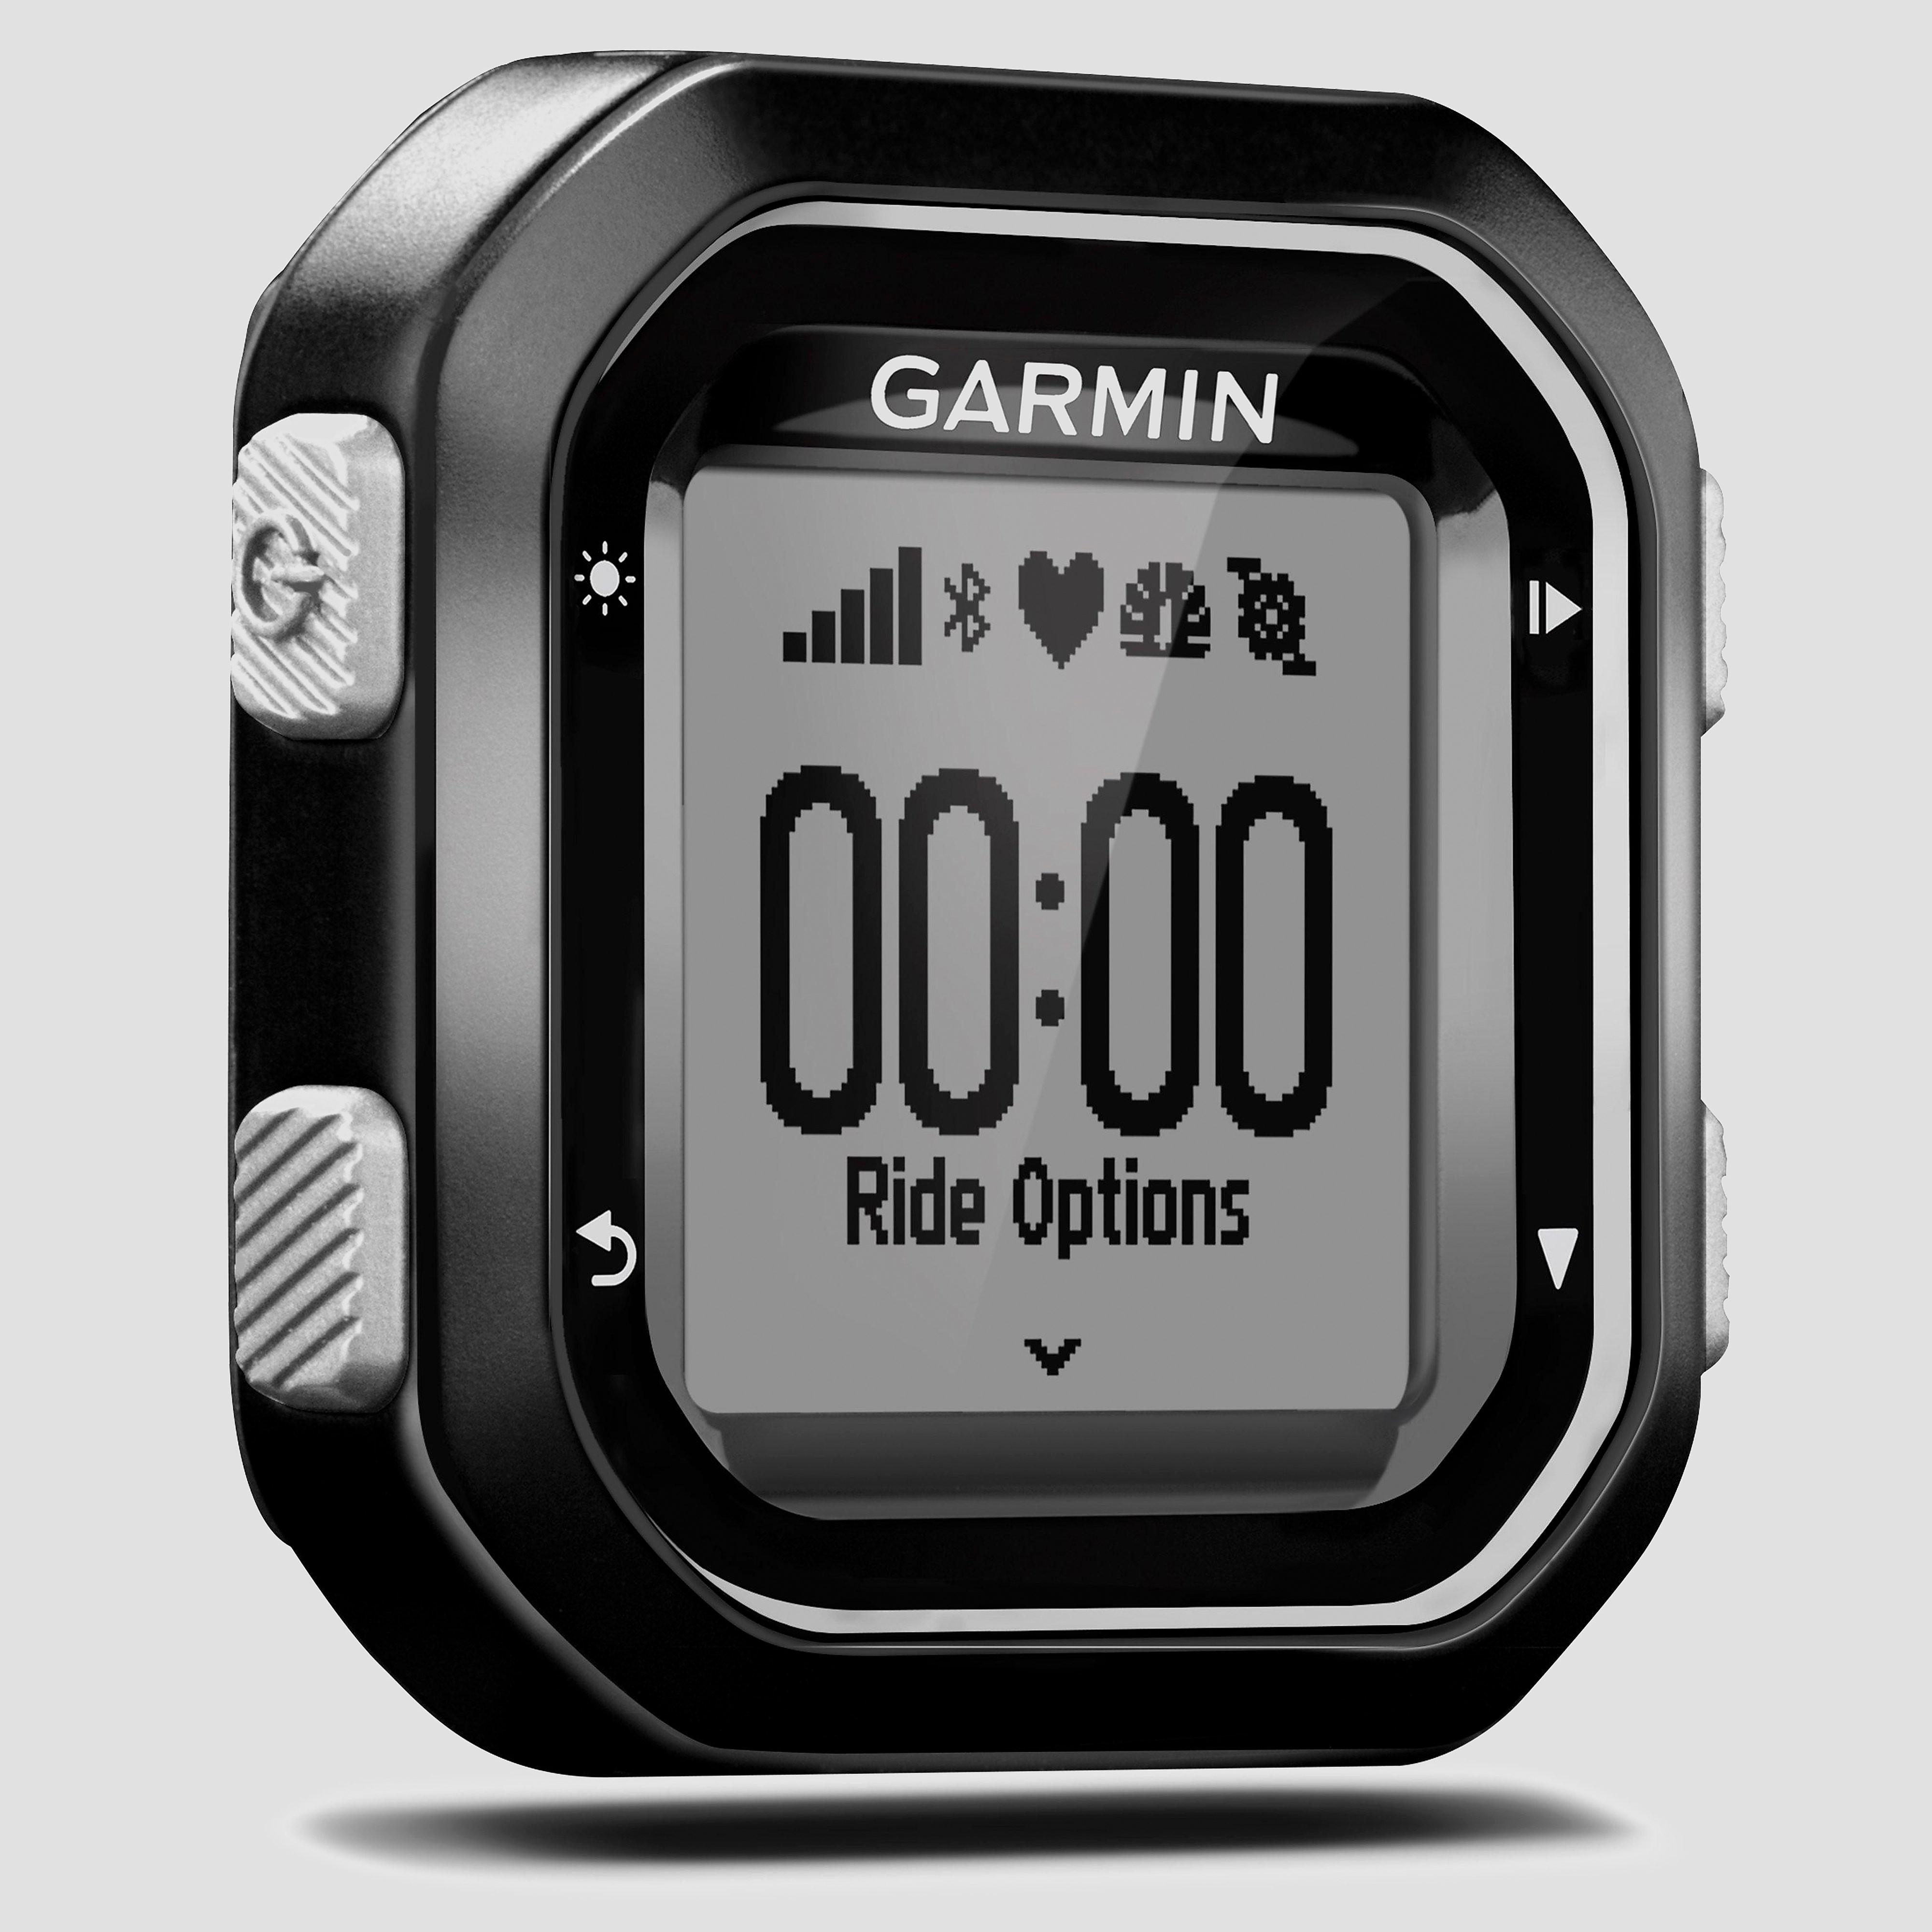 Garmin Edge 25 Cycle Computer